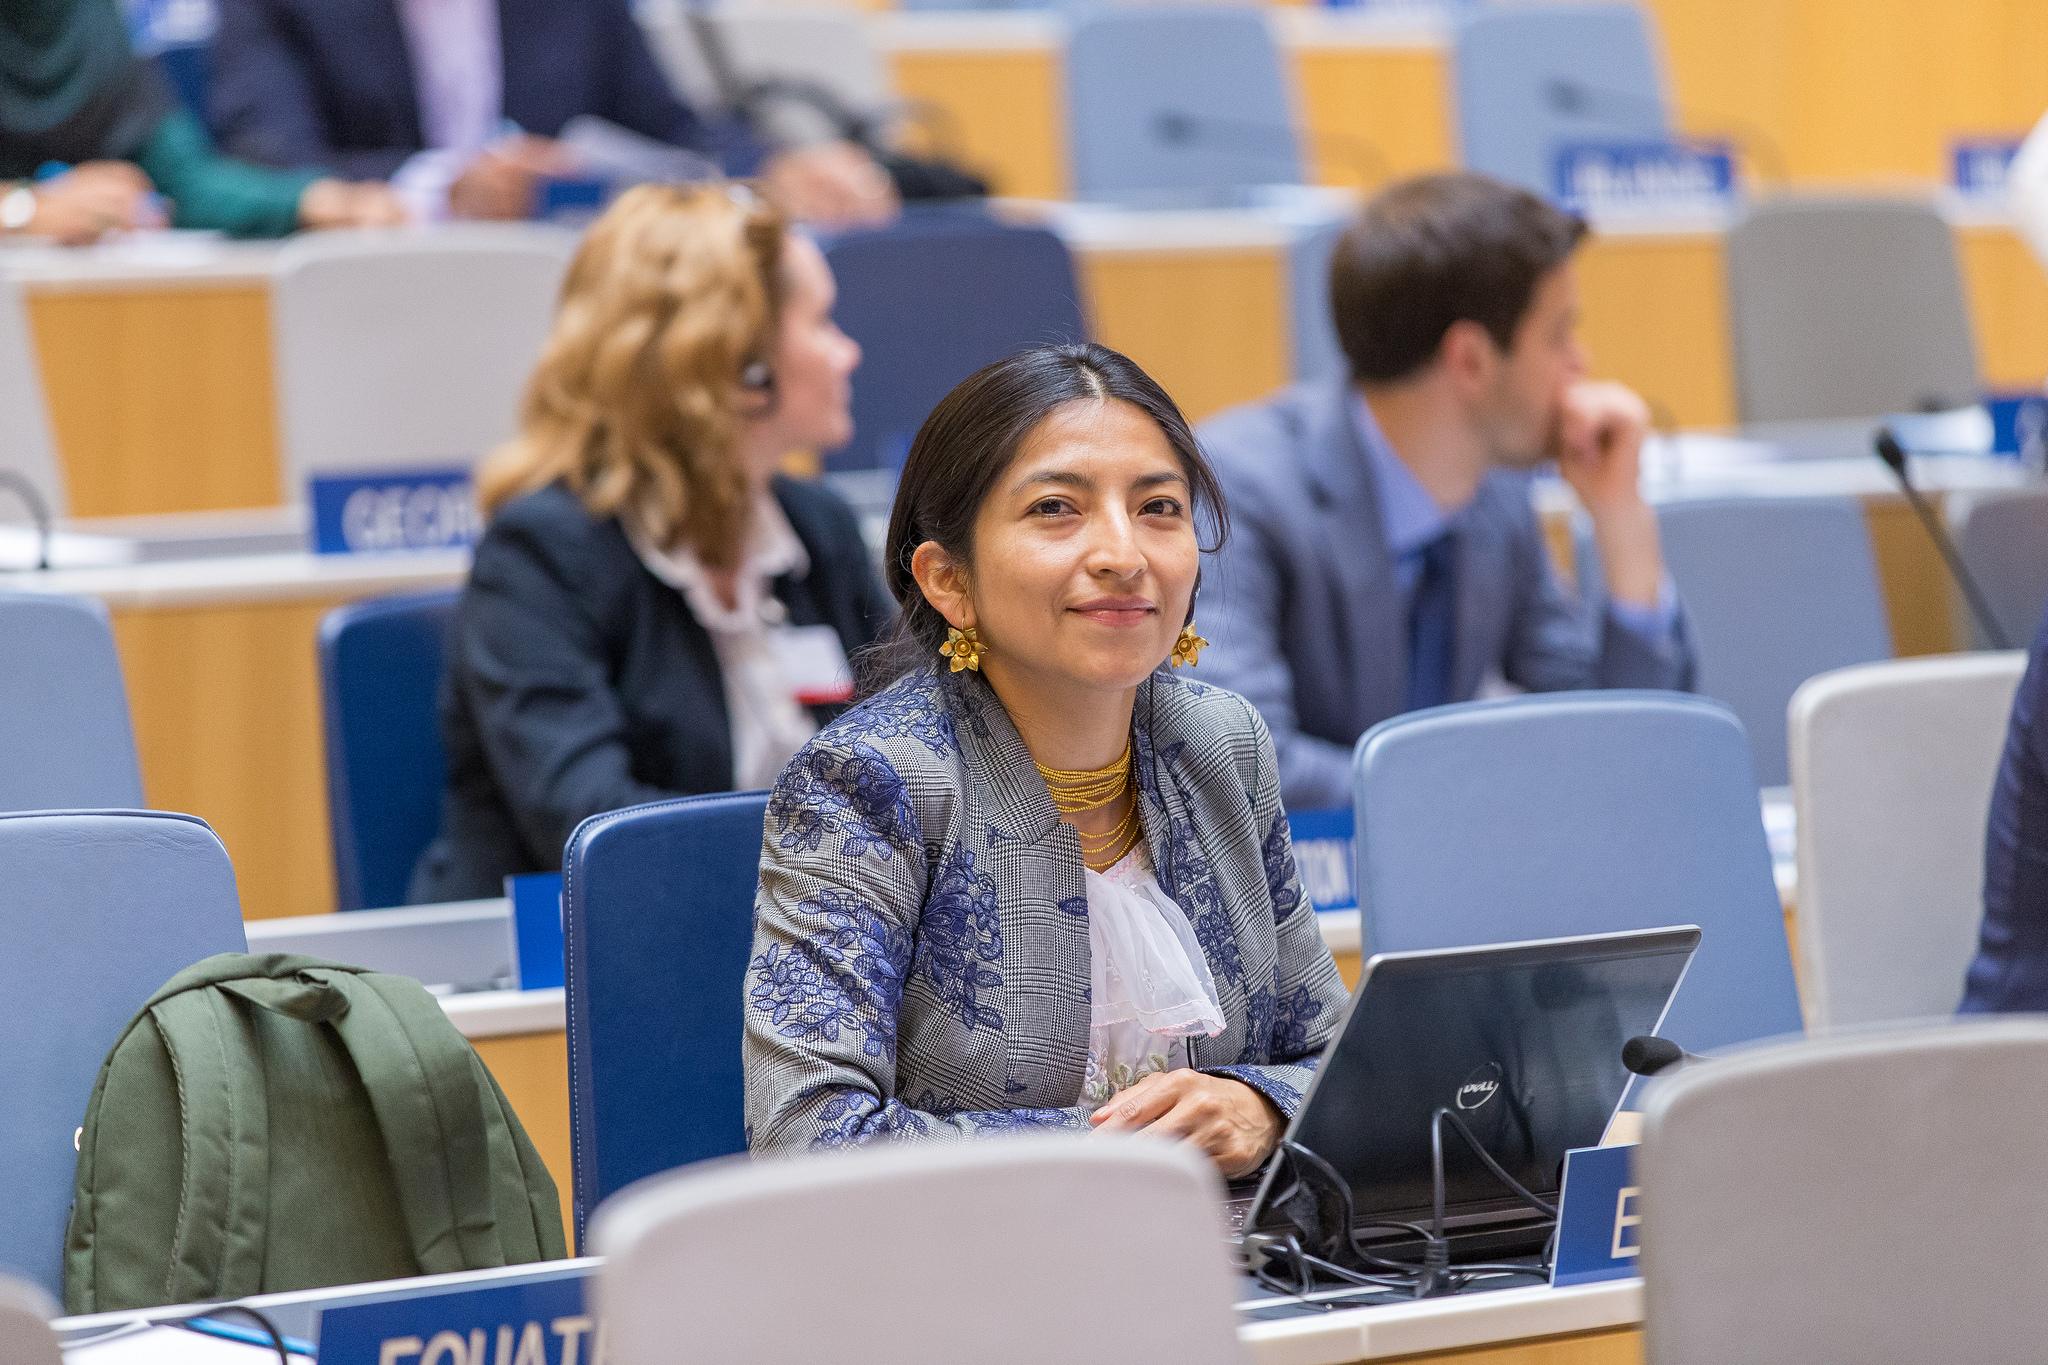 La delegada de Ecuador en el SCCR36, Ñusta Maldonado. Imagen tomada de Flickr por WIPO